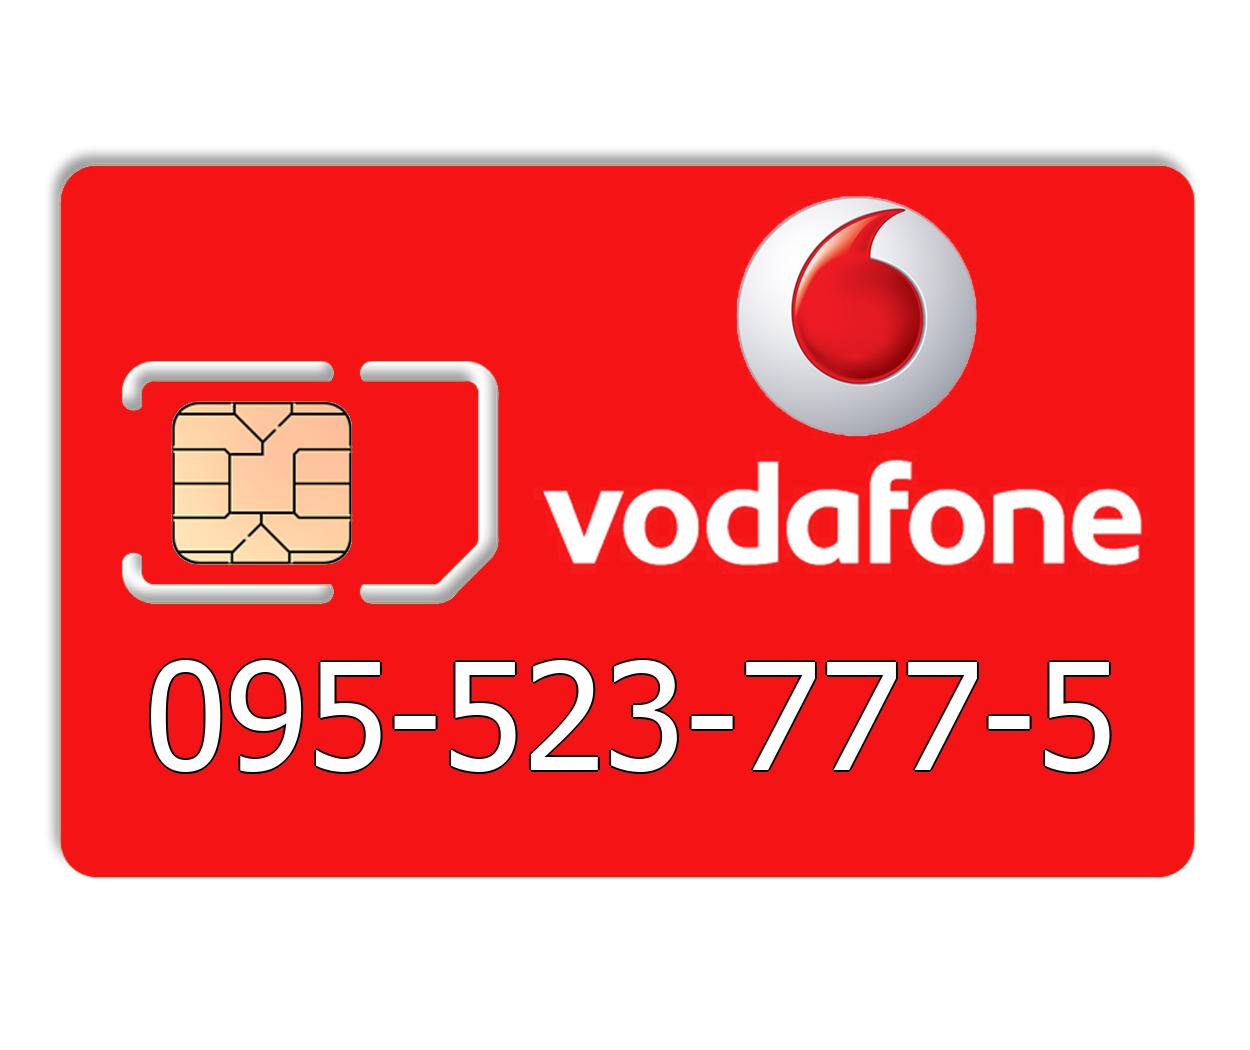 Красивый номер Vodafone 095-523-777-5